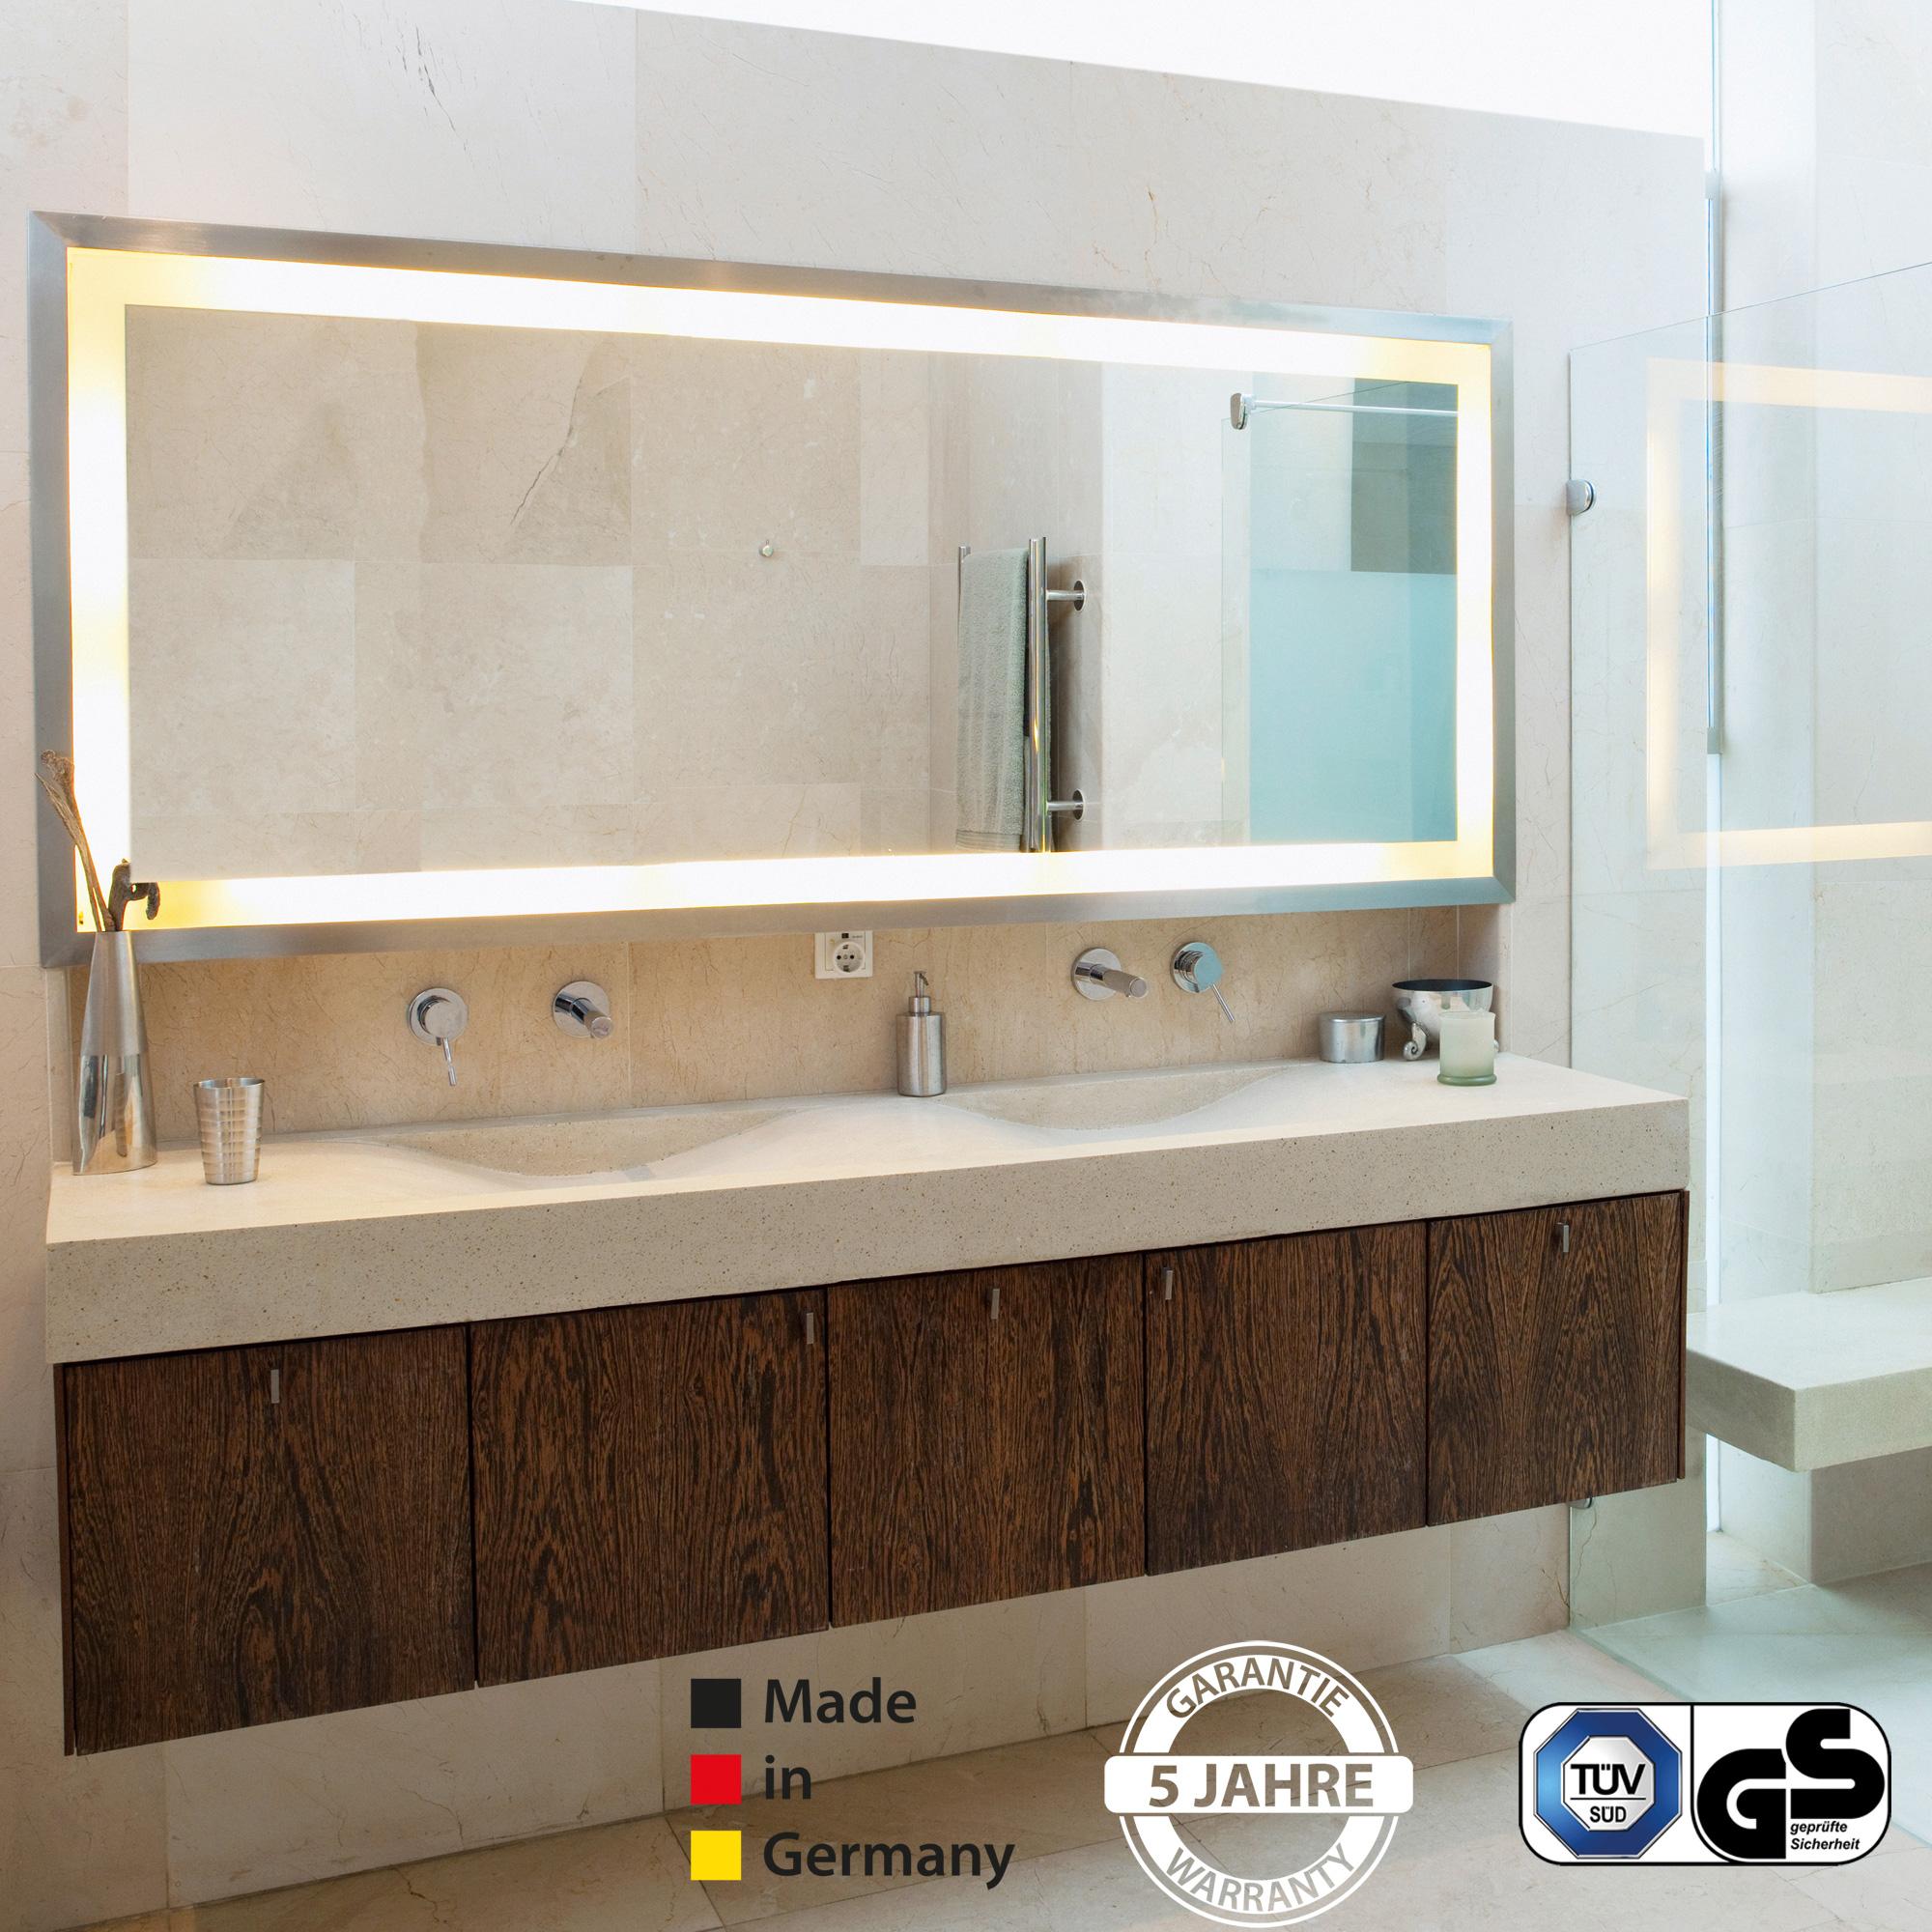 Badspiegel Mit Licht Interesting Badspiegel Mit Beleuchtung With